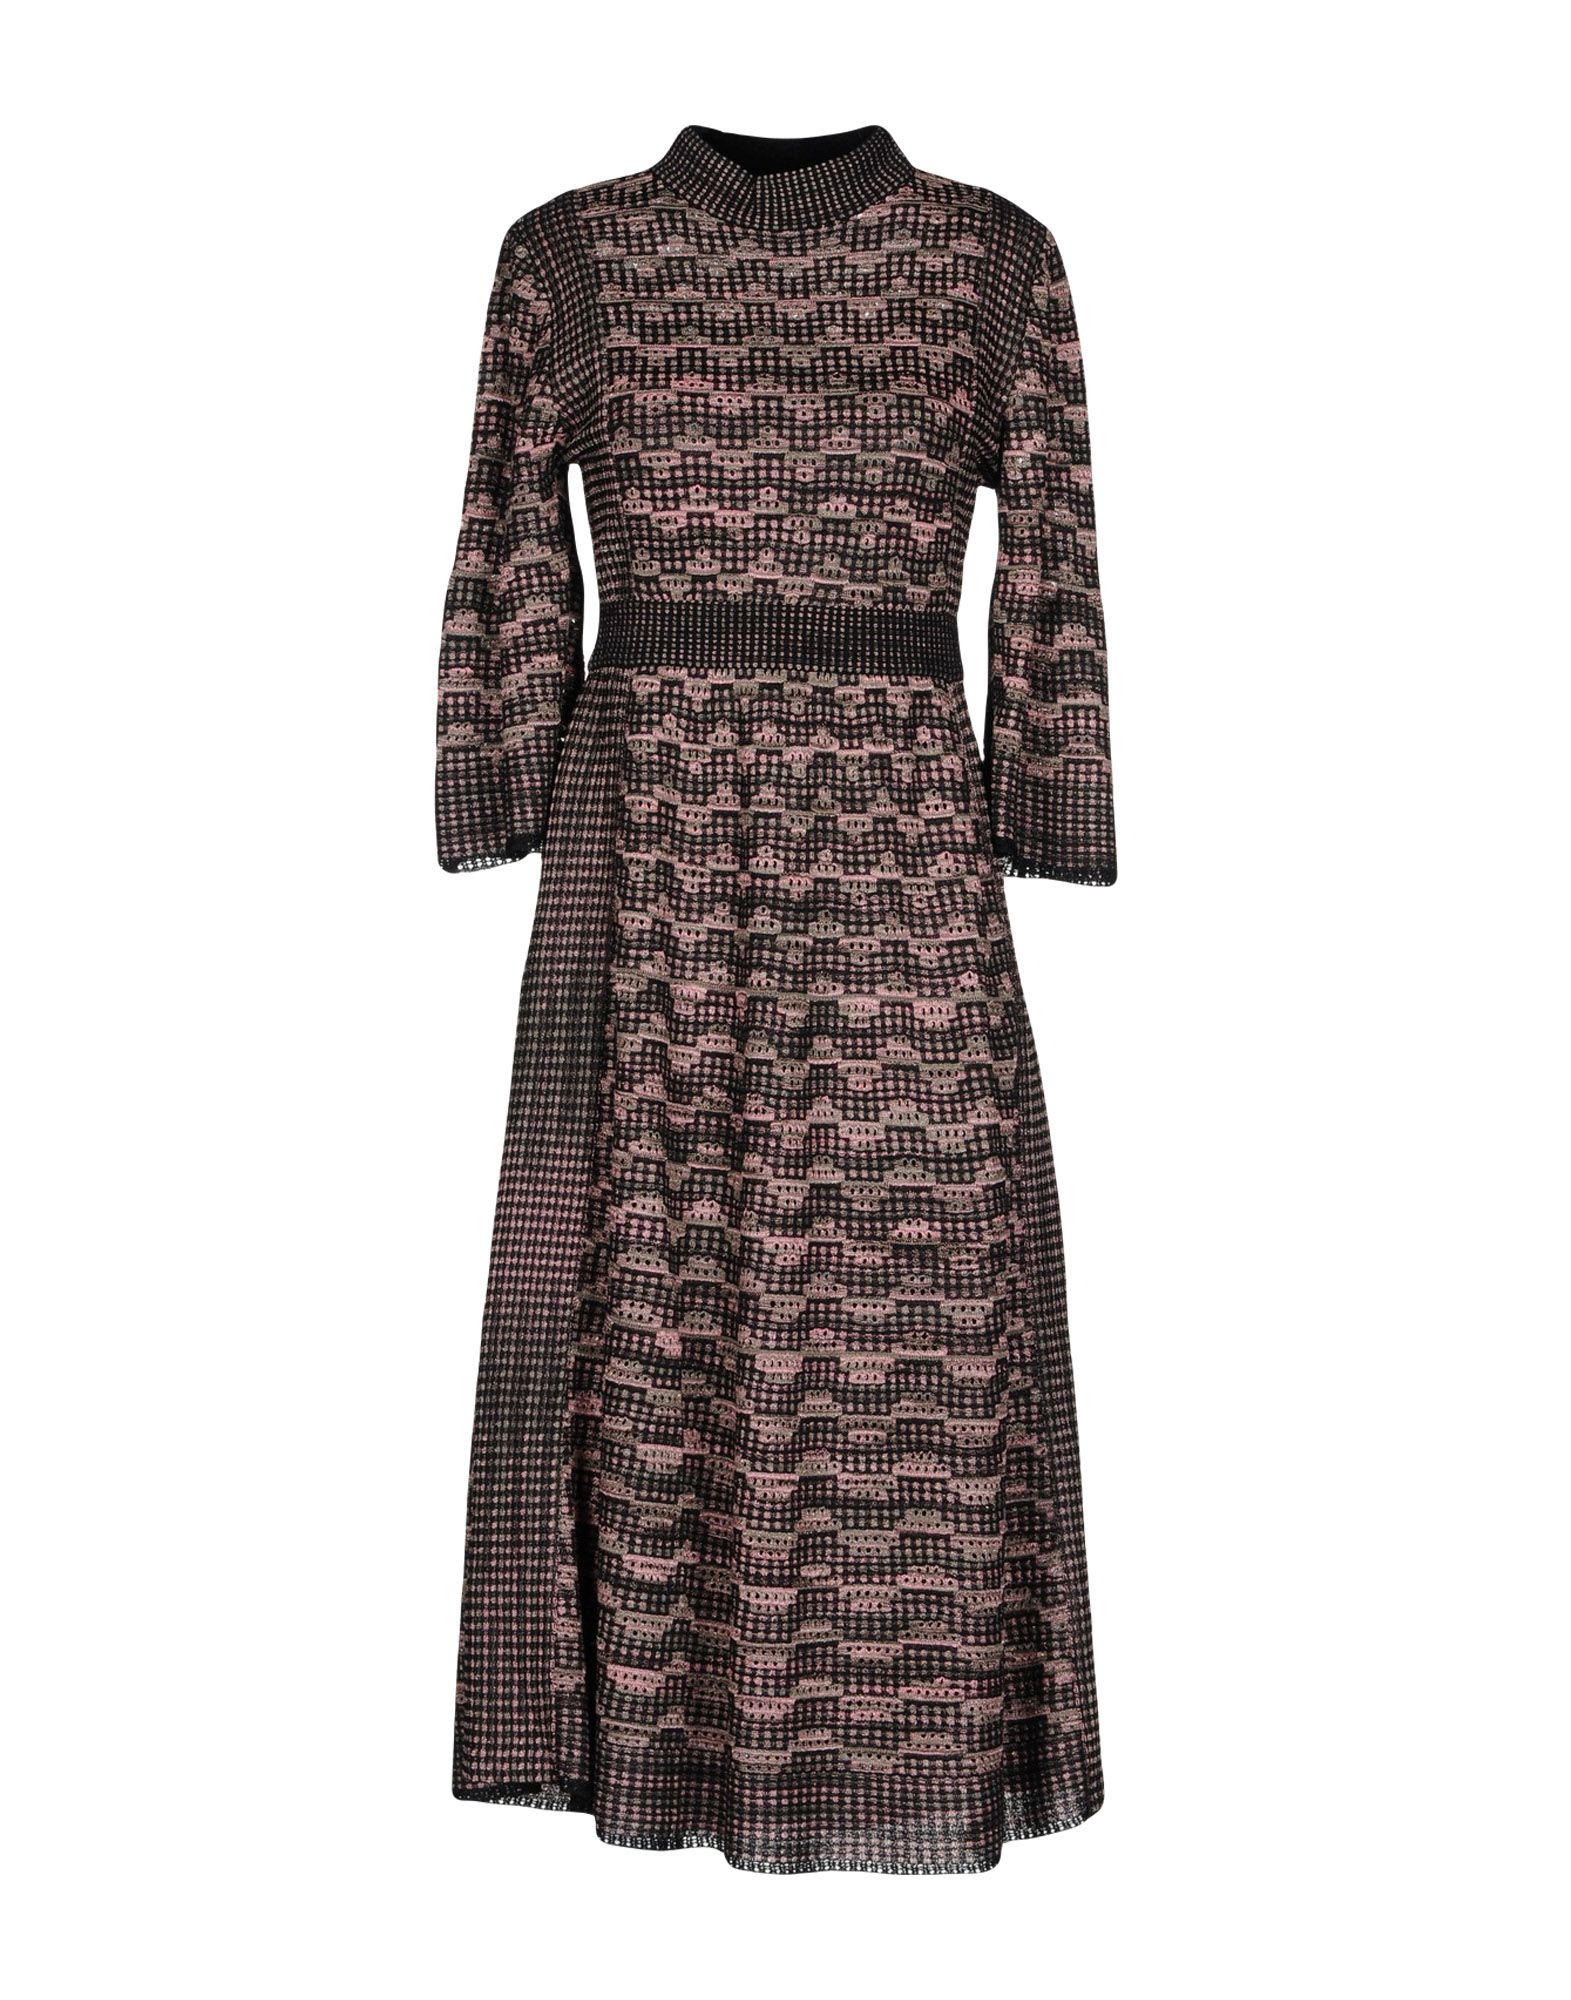 Vestiti Donna M Missoni Collezione Primavera-Estate e Autunno ... f8175e1dc88